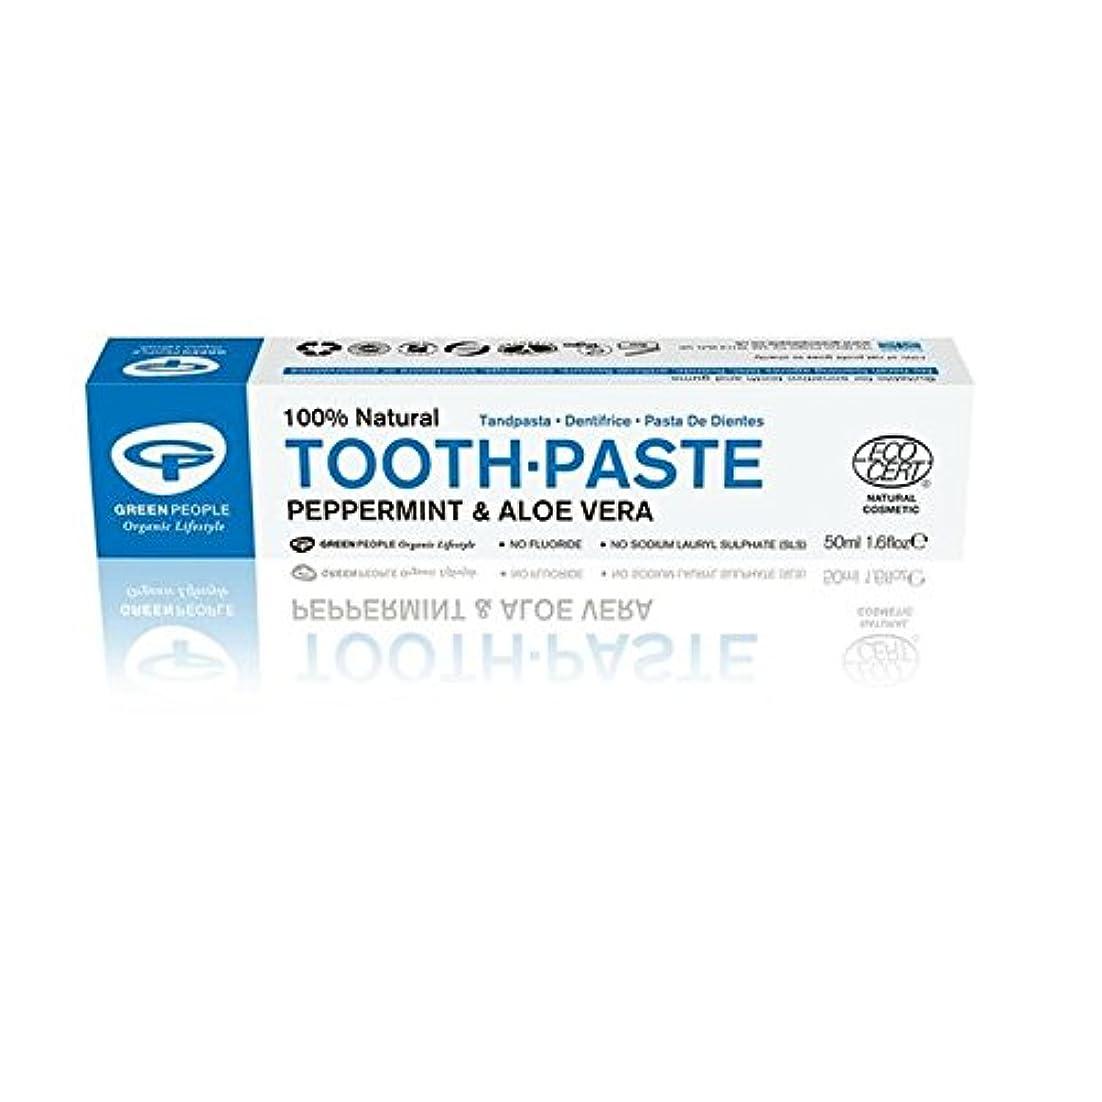 カメ遮るにおい緑の人々の自然ミント歯磨き粉50ミリリットル x2 - Green People Natural Mint Toothpaste 50ml (Pack of 2) [並行輸入品]